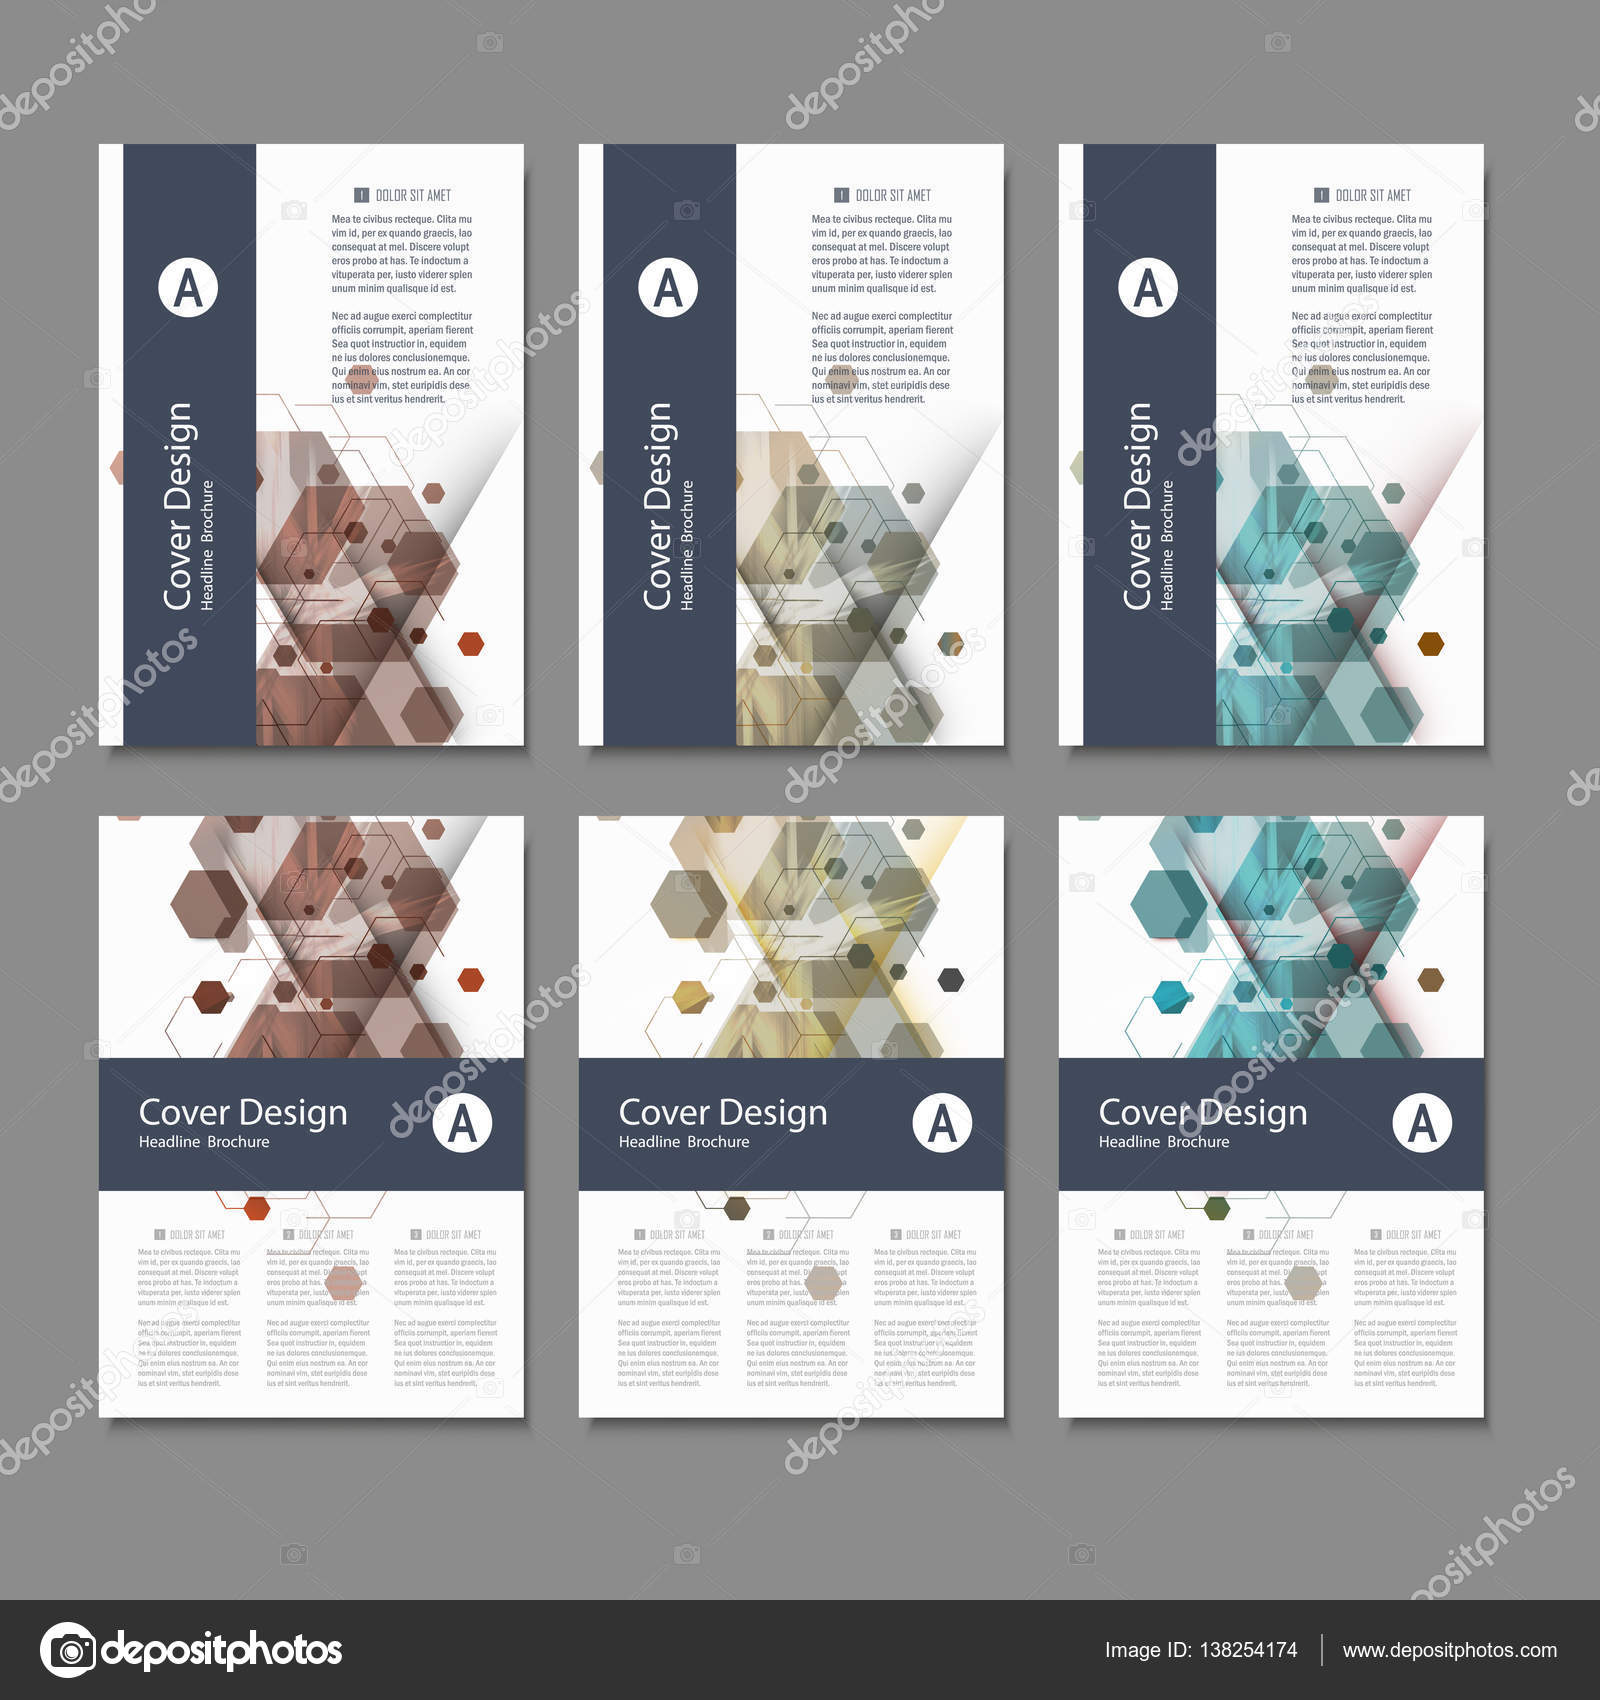 Fantastisch Broschüre Design Ideen Vorlagen Bilder ...